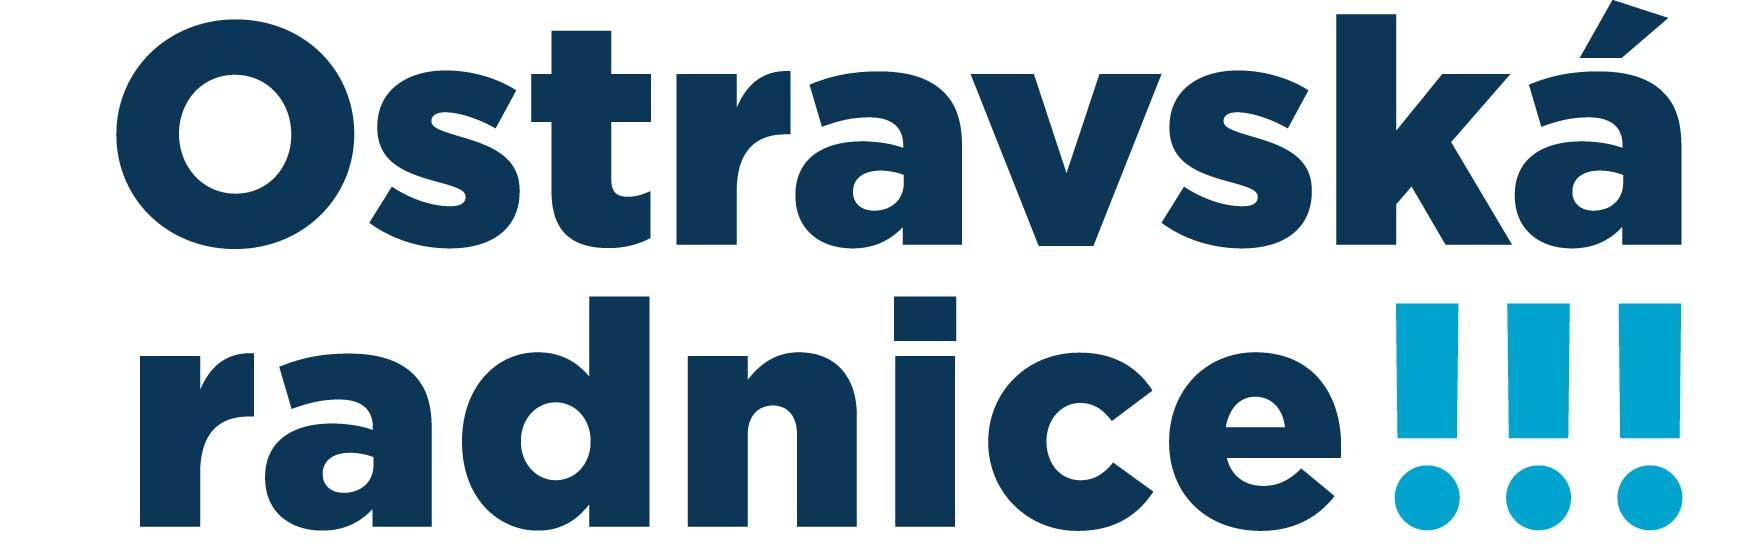 Výsledek obrázku pro ostravská radnice logo